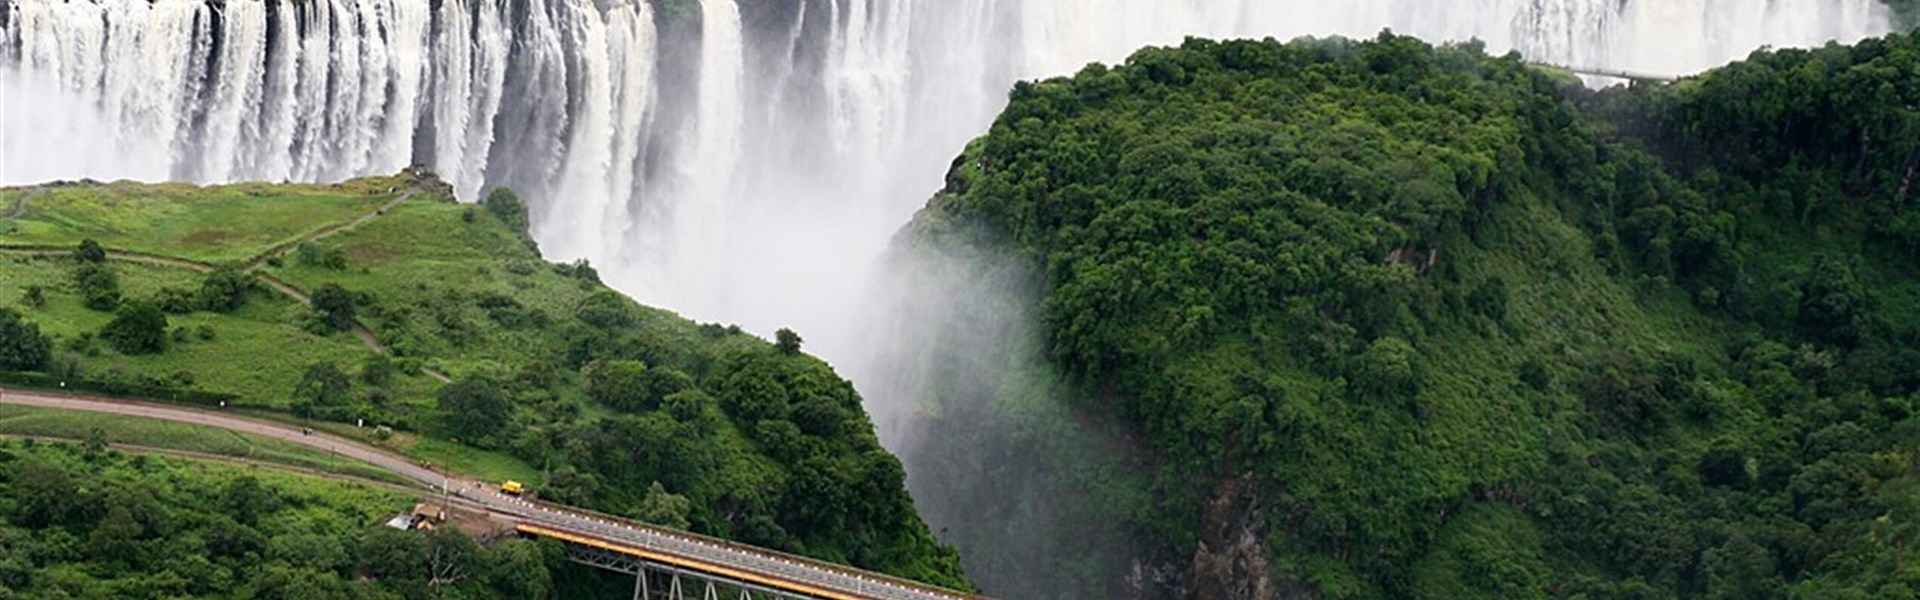 Poznávací zájezd -  Kapské Město - Viktoriiny vodopády - Botswana - Zimbabwe - Viktoriiny vodopády